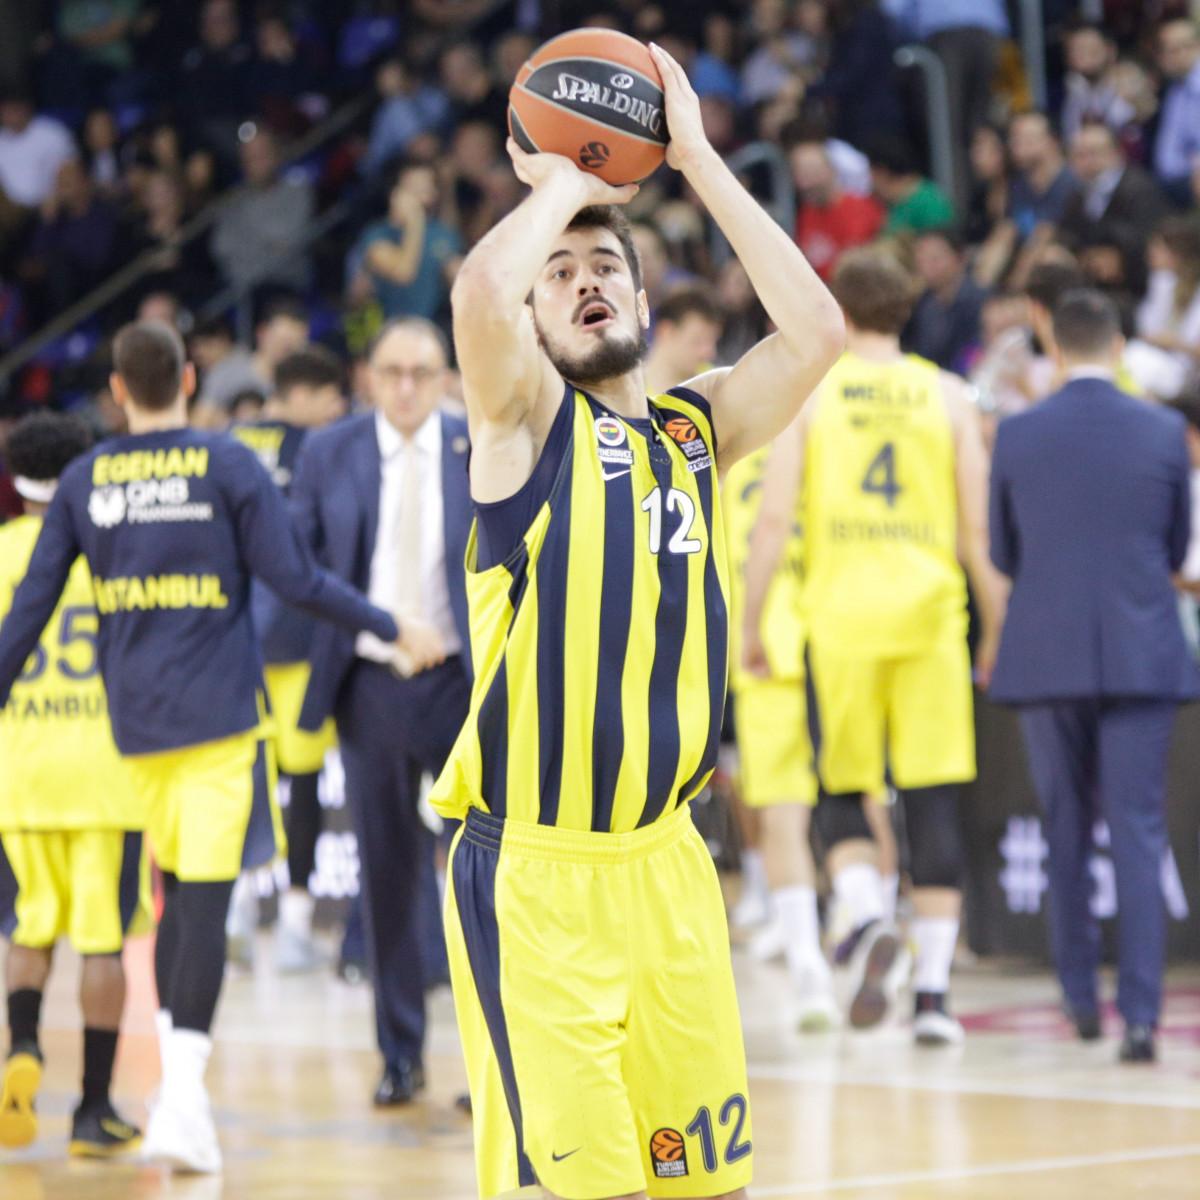 Photo of Nikola Kalinic, 2018-2019 season